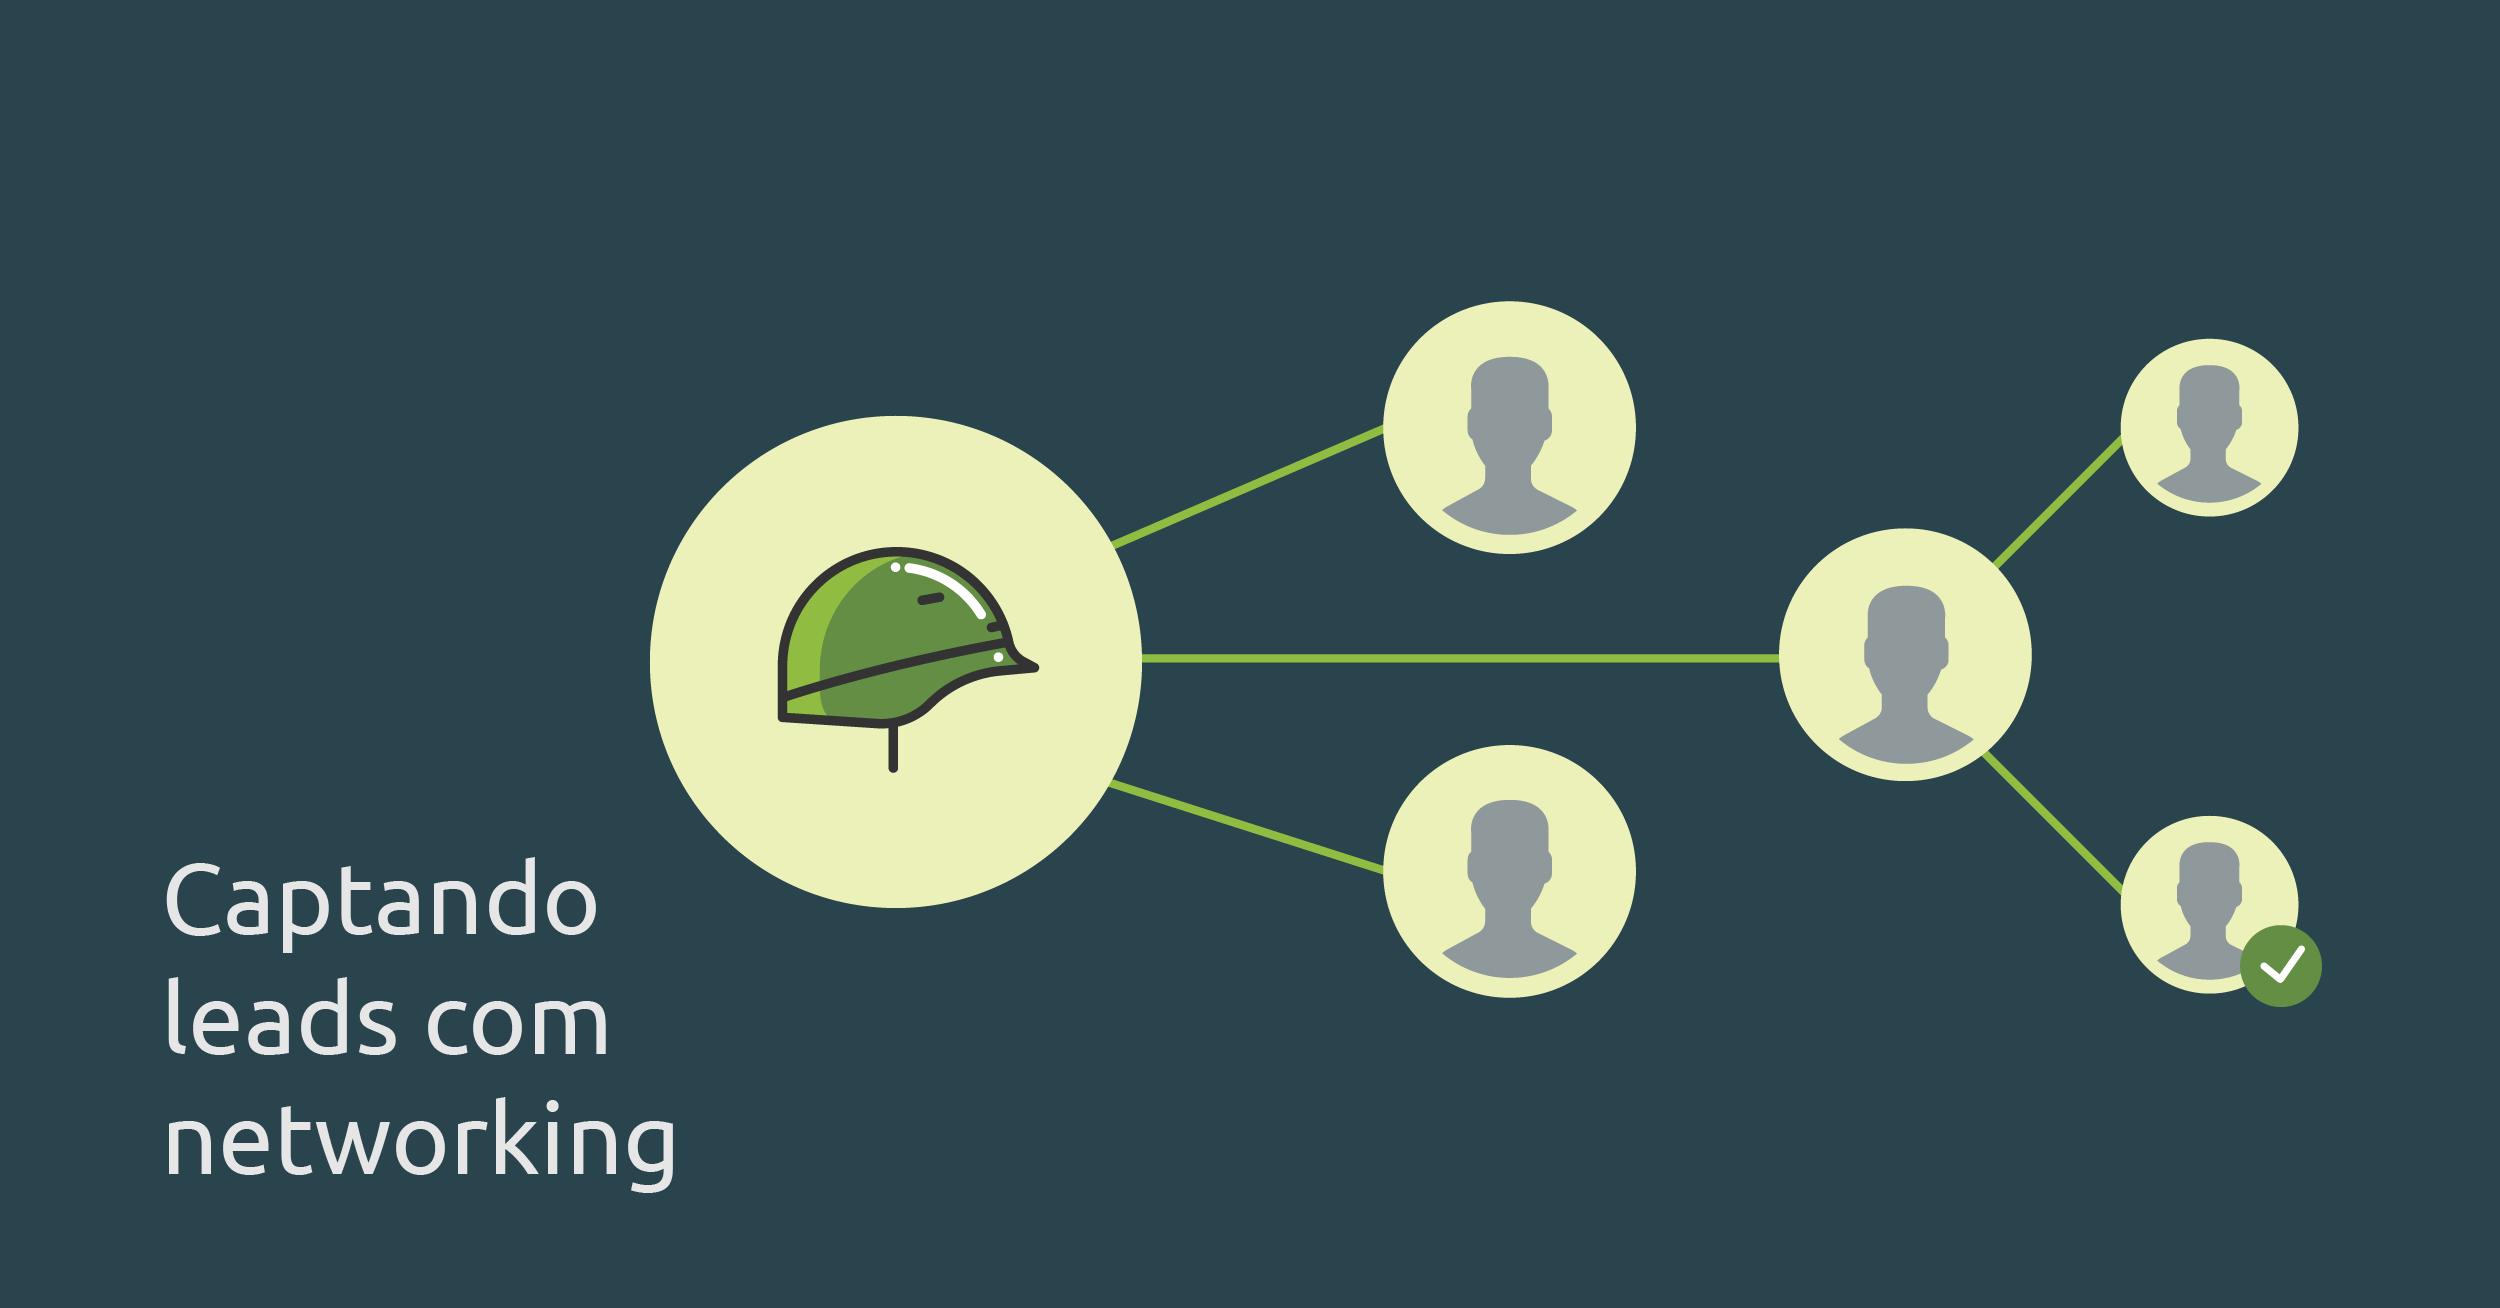 Gerando mais leads com networking